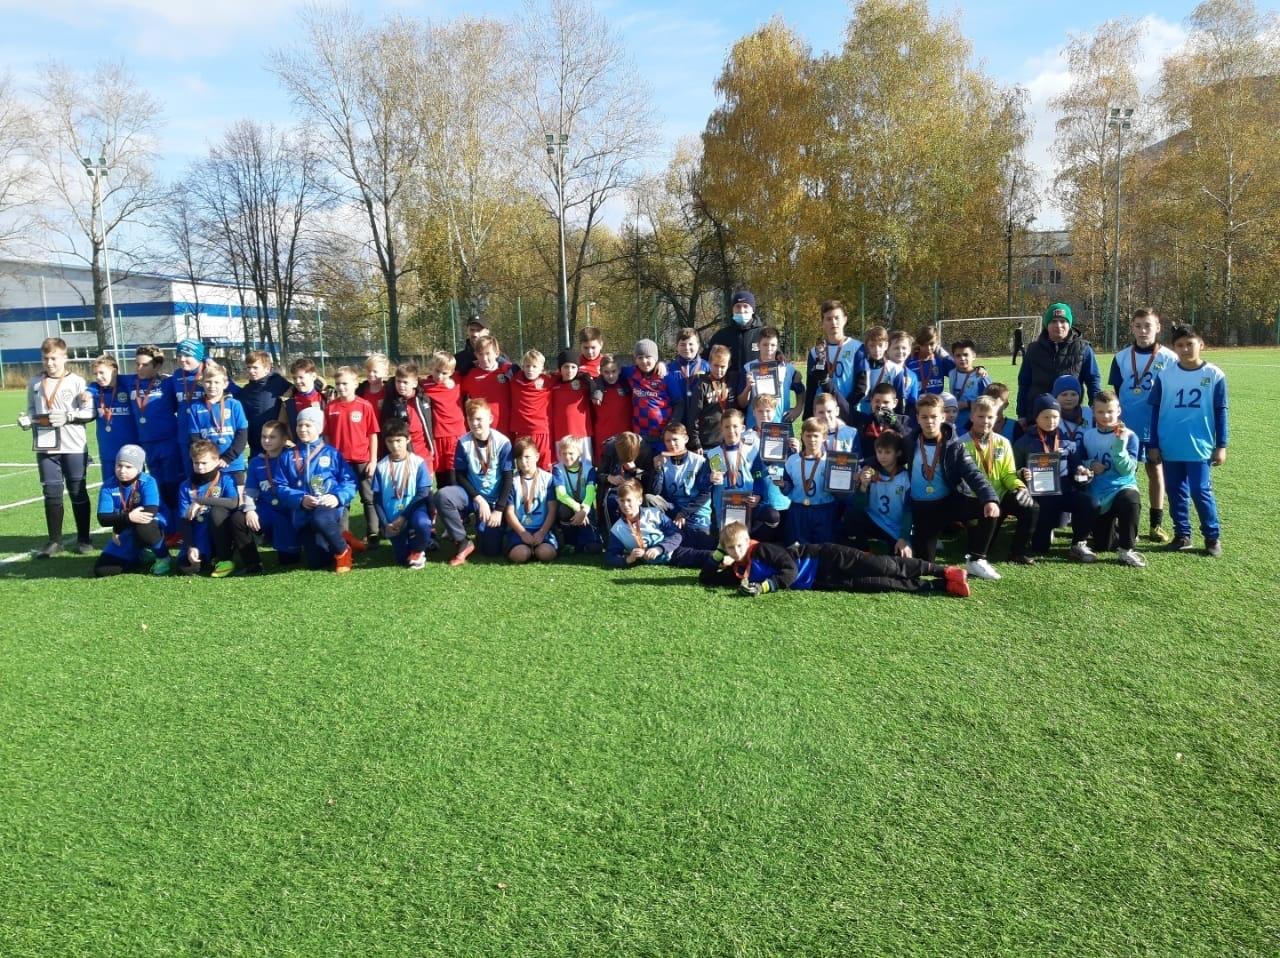 17 октября на базе МУ «СЦ им. А.Гринина» состоялся Турнир по футболу среди детских команд, посвященный 75-летию победы в Великой Отечественной войне.